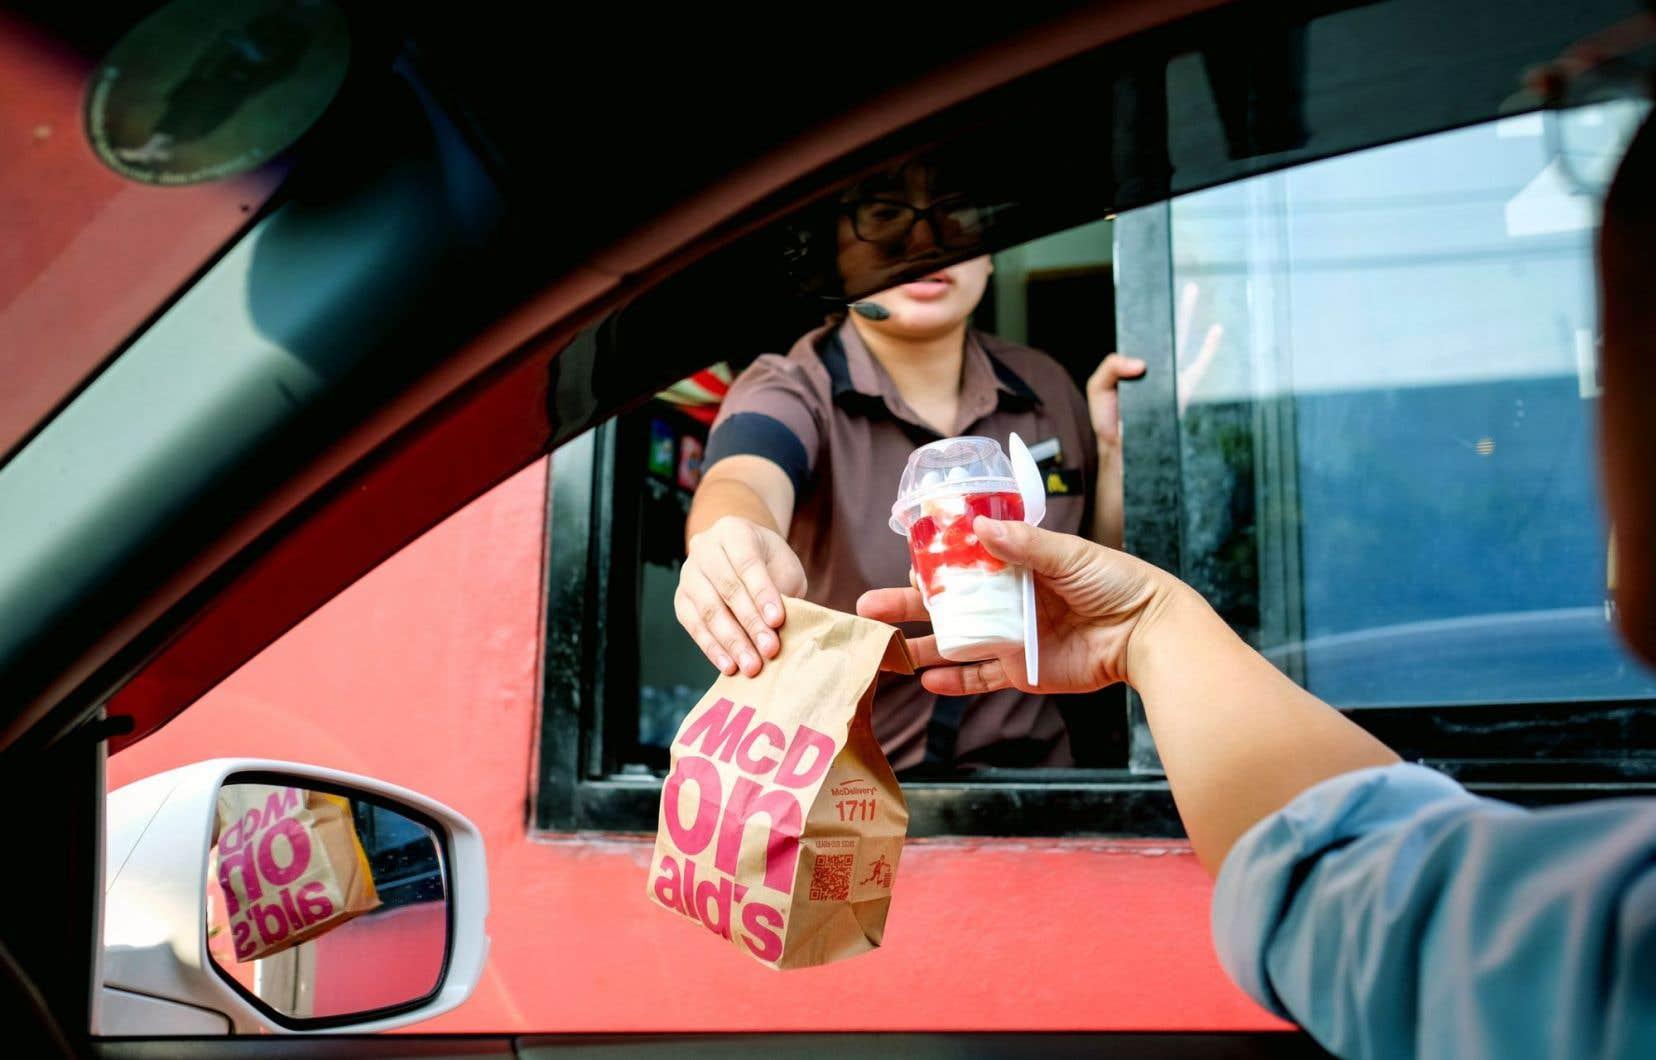 «Nous sommes en train de construire un meilleur McDonald's et les clients le remarquent», a déclaré le p.-d.g. Steve Easterbrook, arrivé aux commandes en mars 2015.